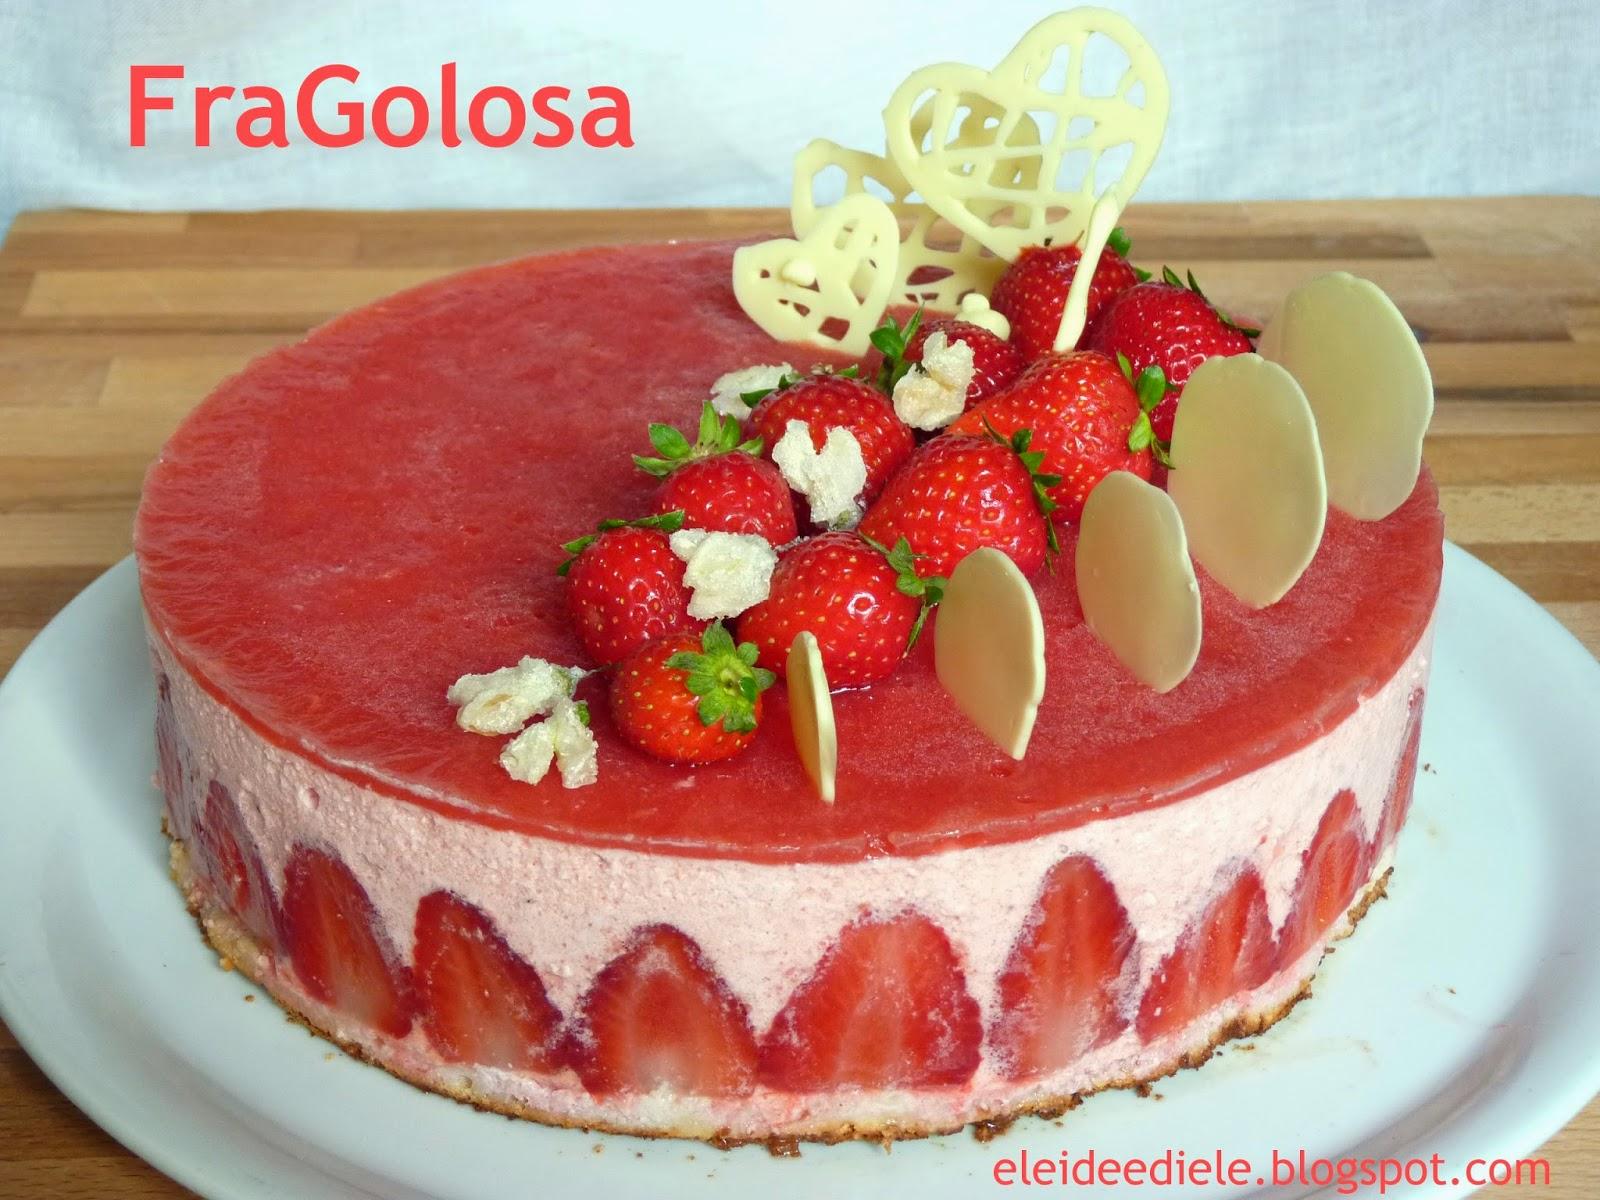 Conosciuto Eleideediele: Torta FraGolosa. E buon compleanno mamma BR64